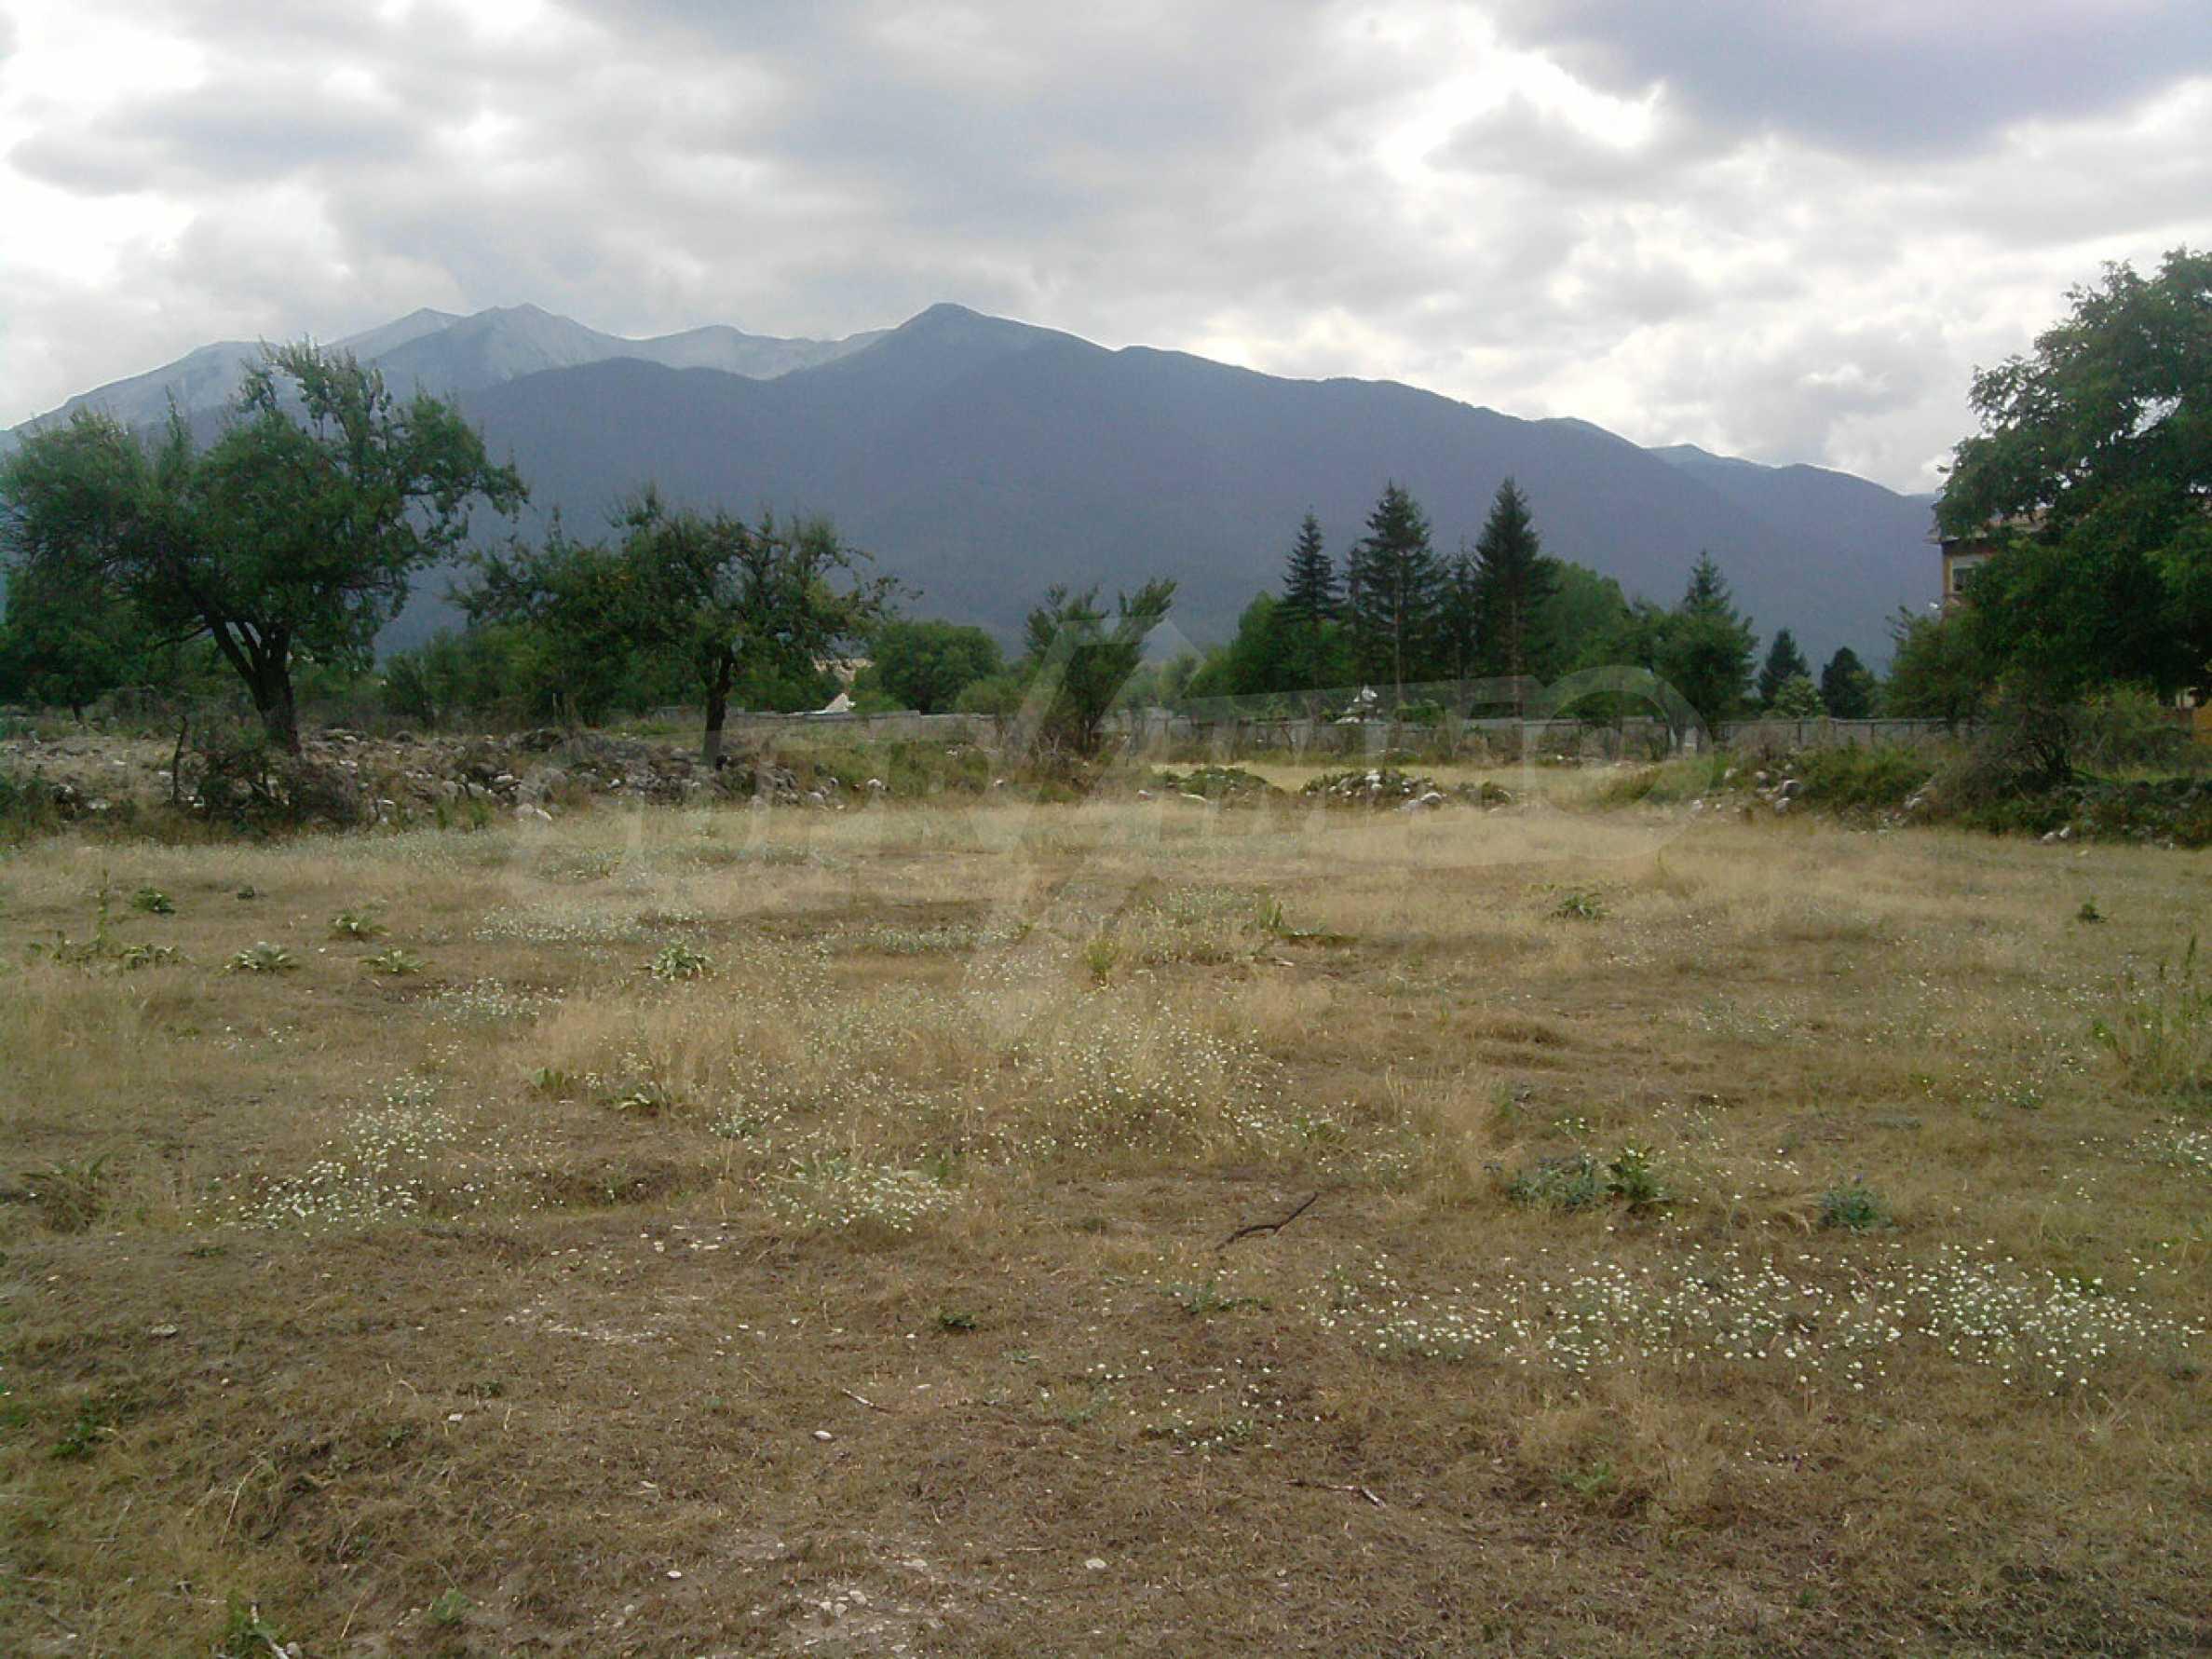 Baugrundstück 400 m vom Kabinenlift in Bansko entfernt 2